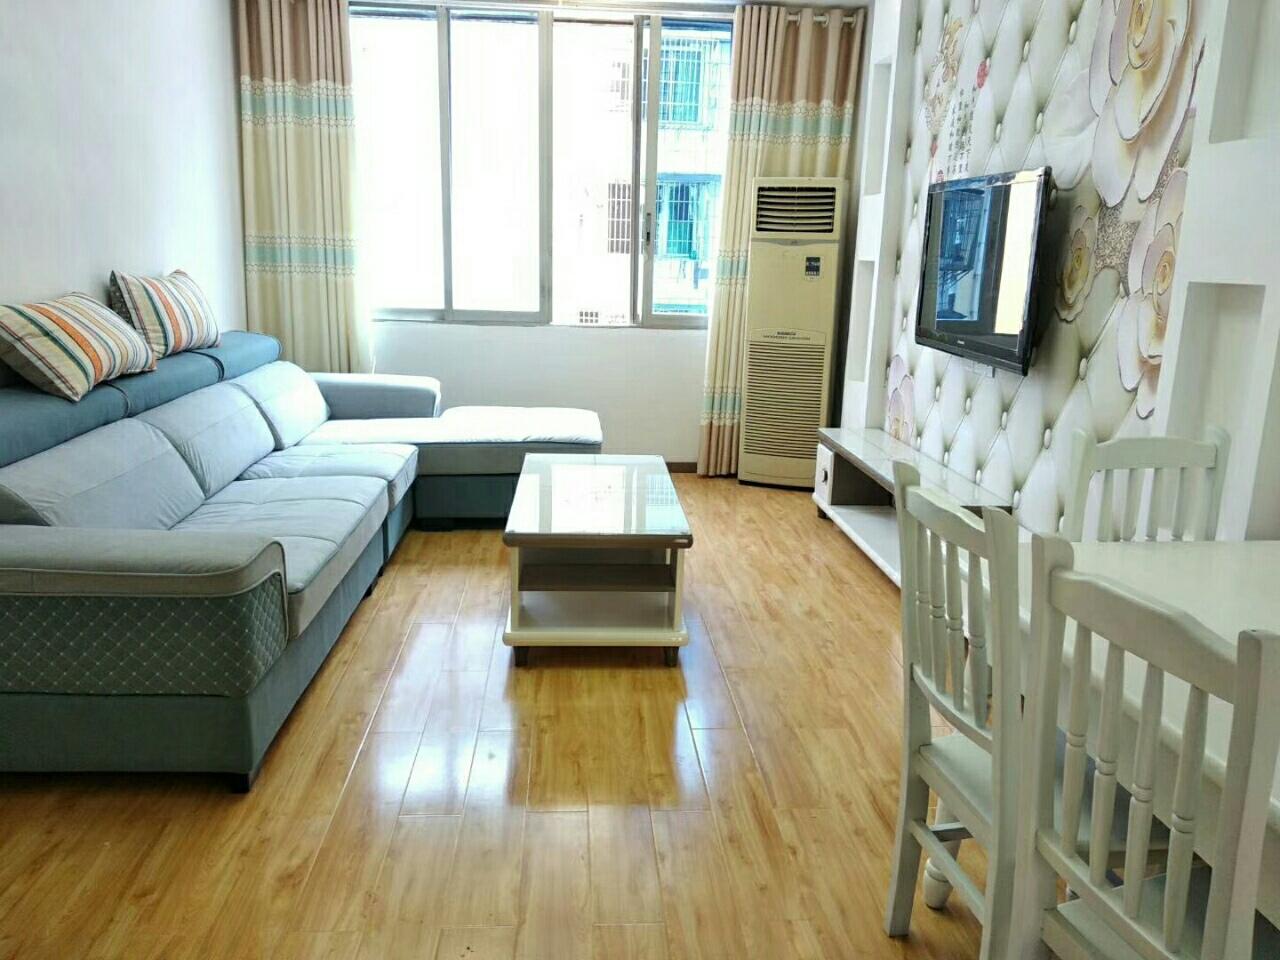 义园街3室 2厅 2卫49.8万元